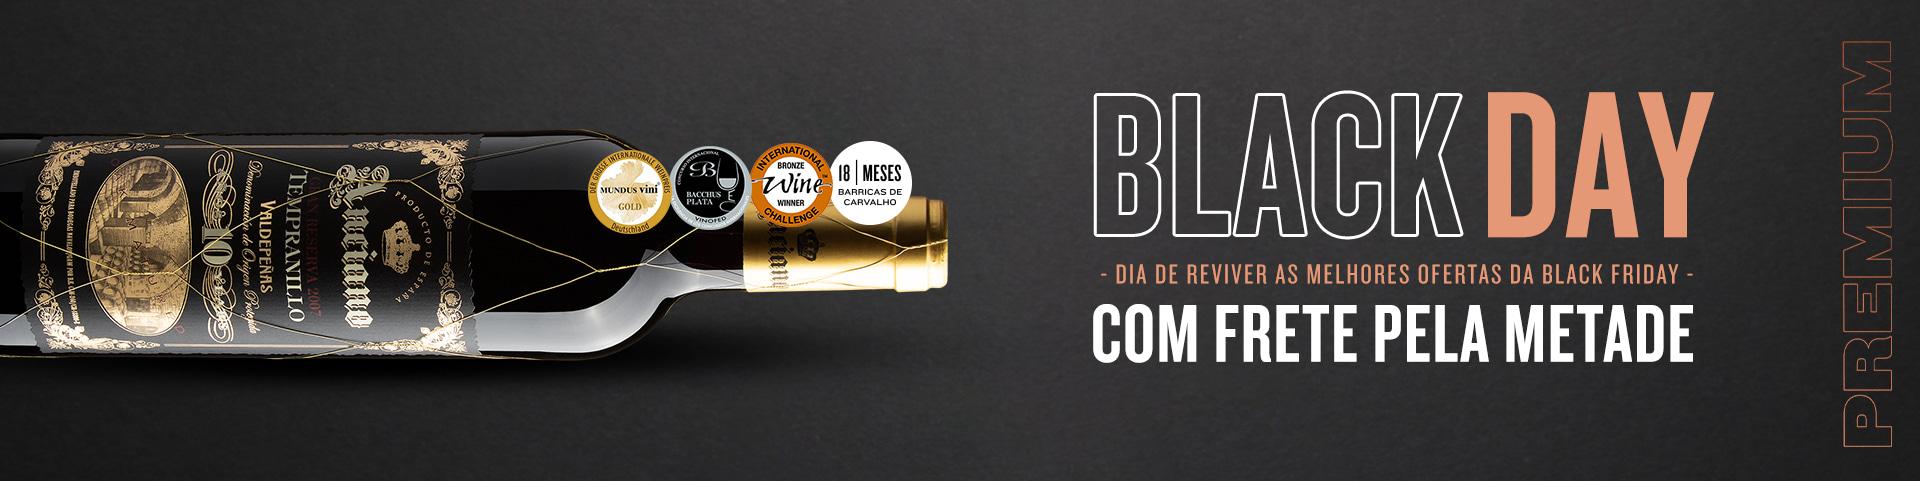 Campanha Black Day Premium